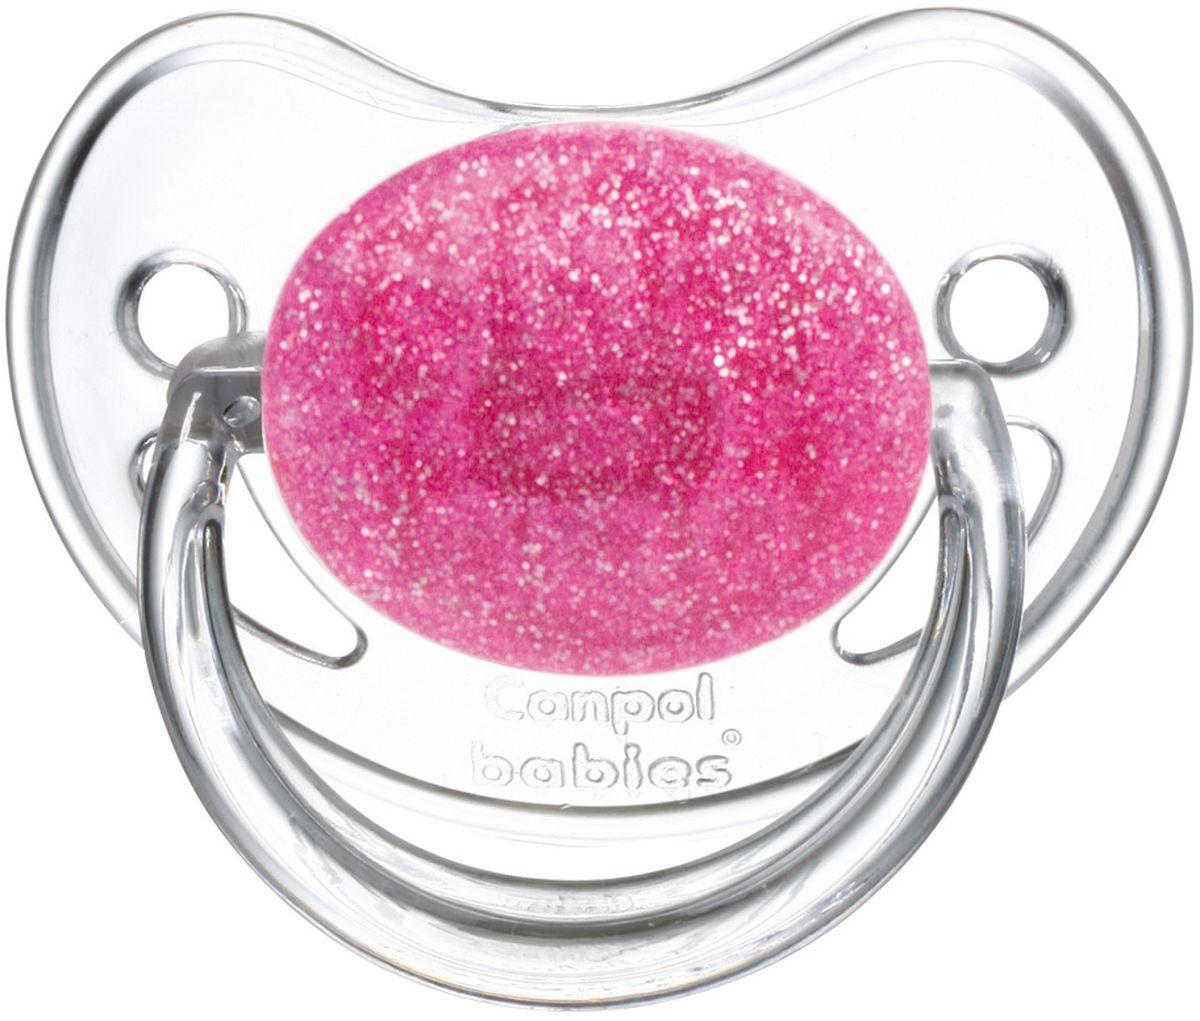 Canpol Babies Пустышка латексная Moonlight от 0 до 6 месяцев цвет розовый